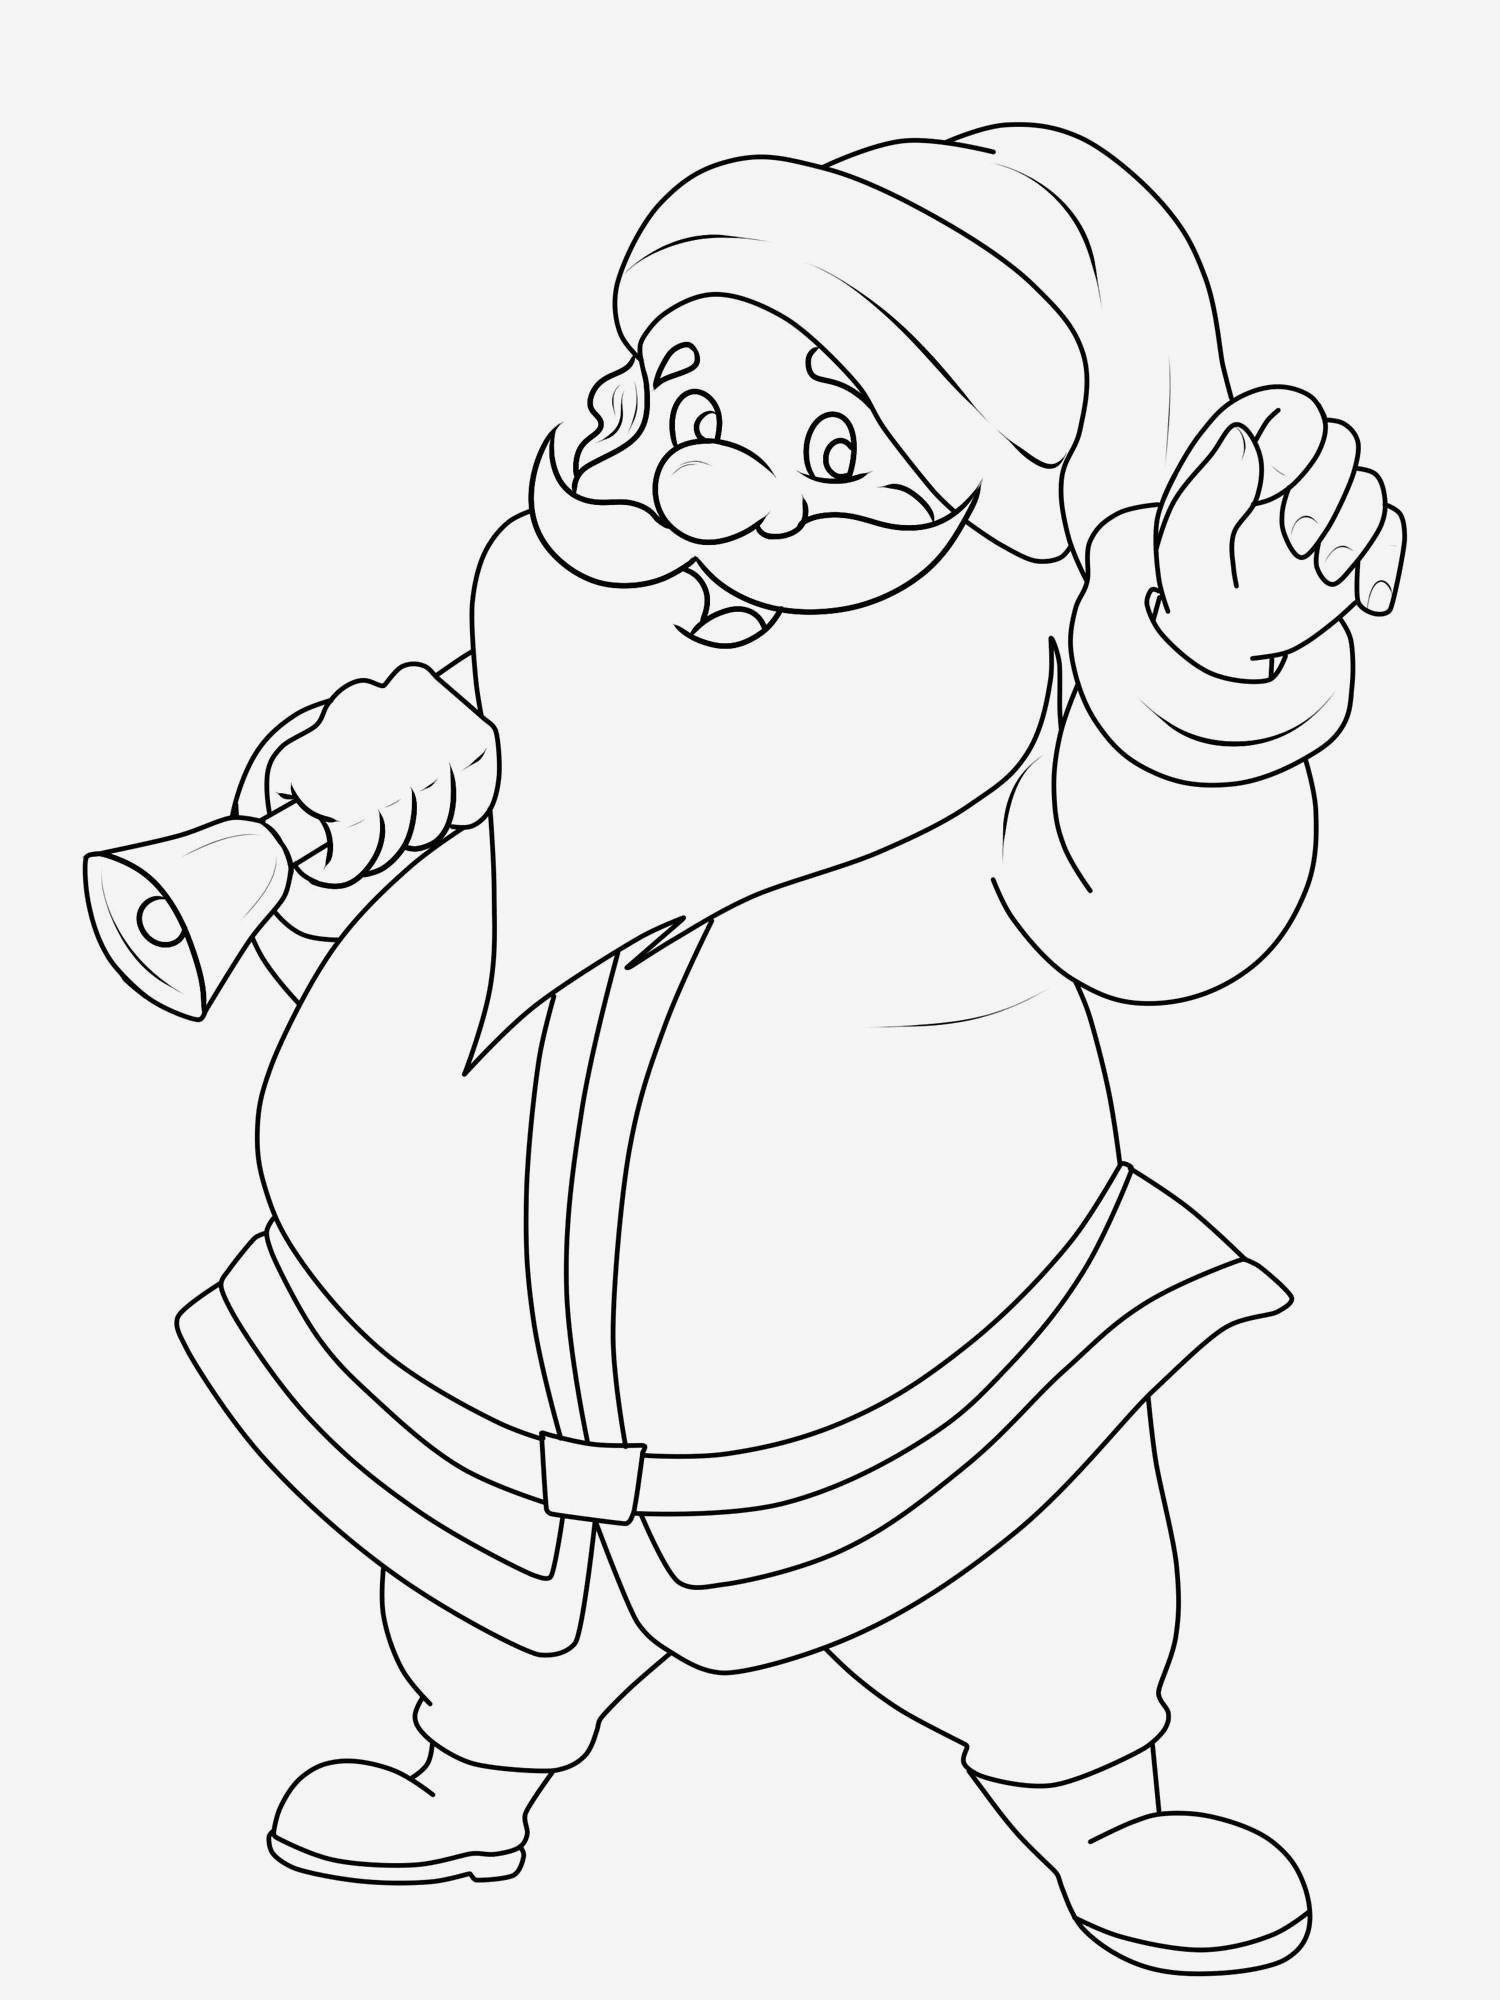 frisch weihnachtsmann malvorlage | ausmalbilder, ausmalen